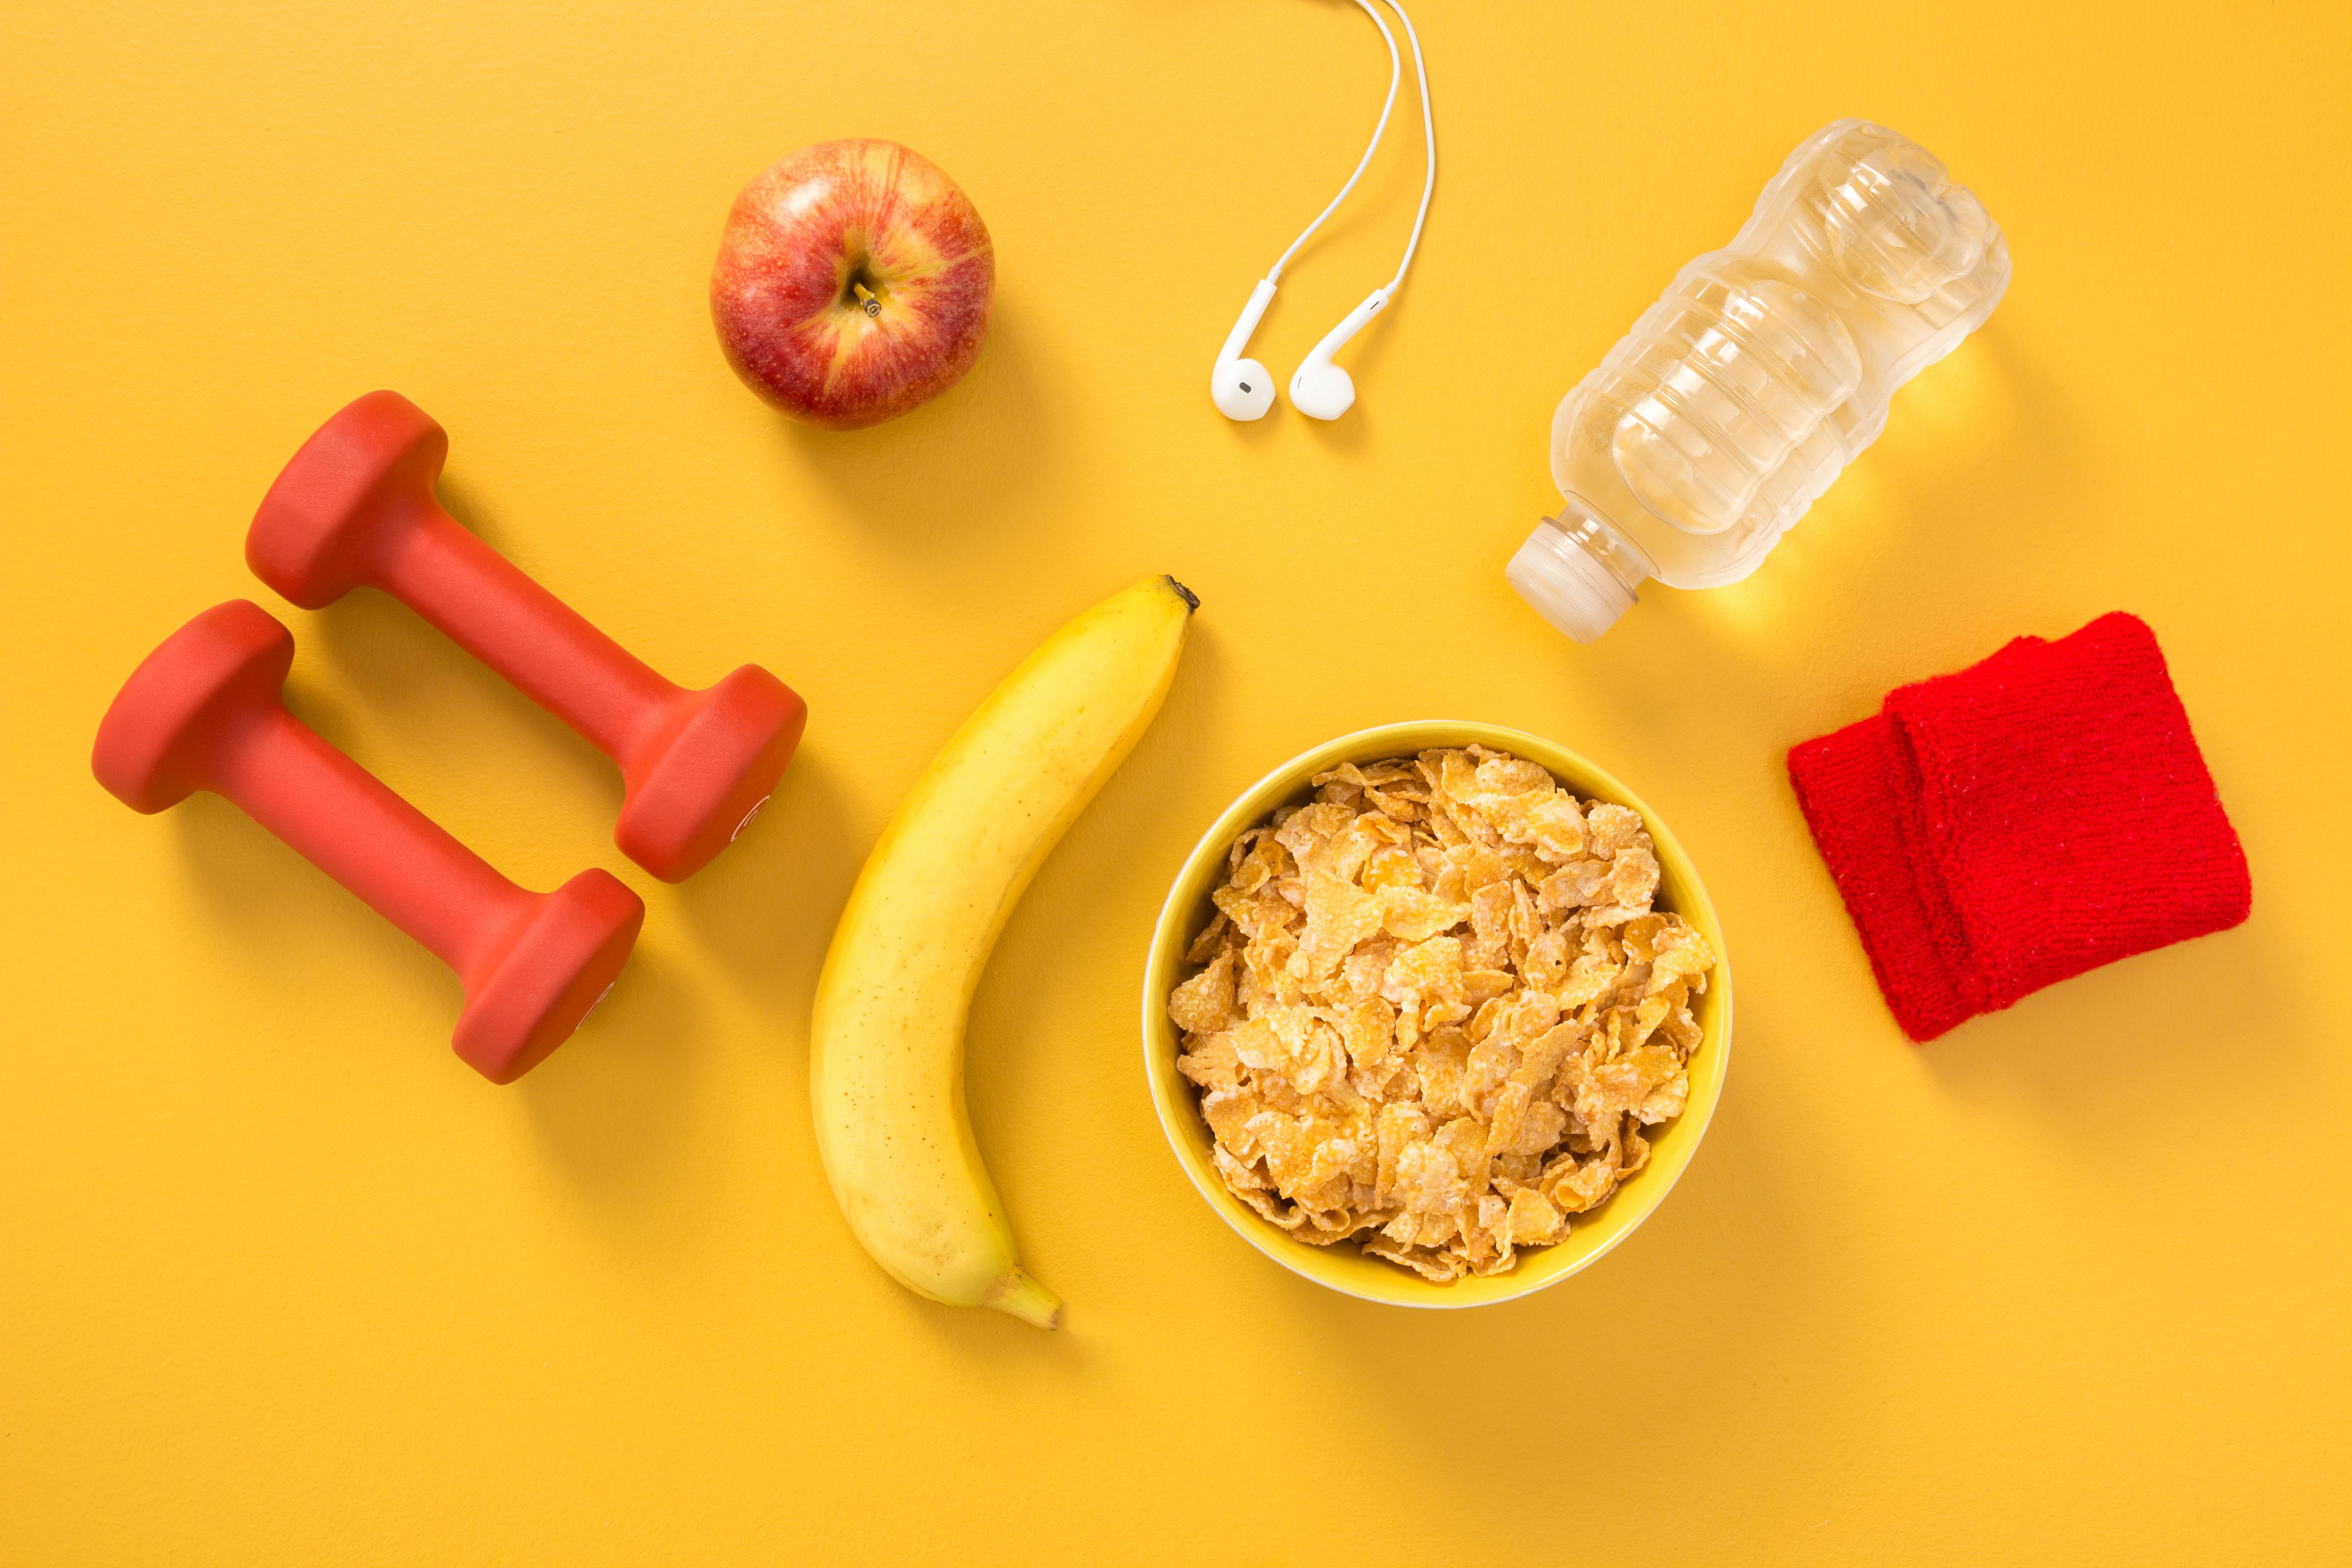 принципы, которые наладят отношения с едой, фитнесом и здоровьем